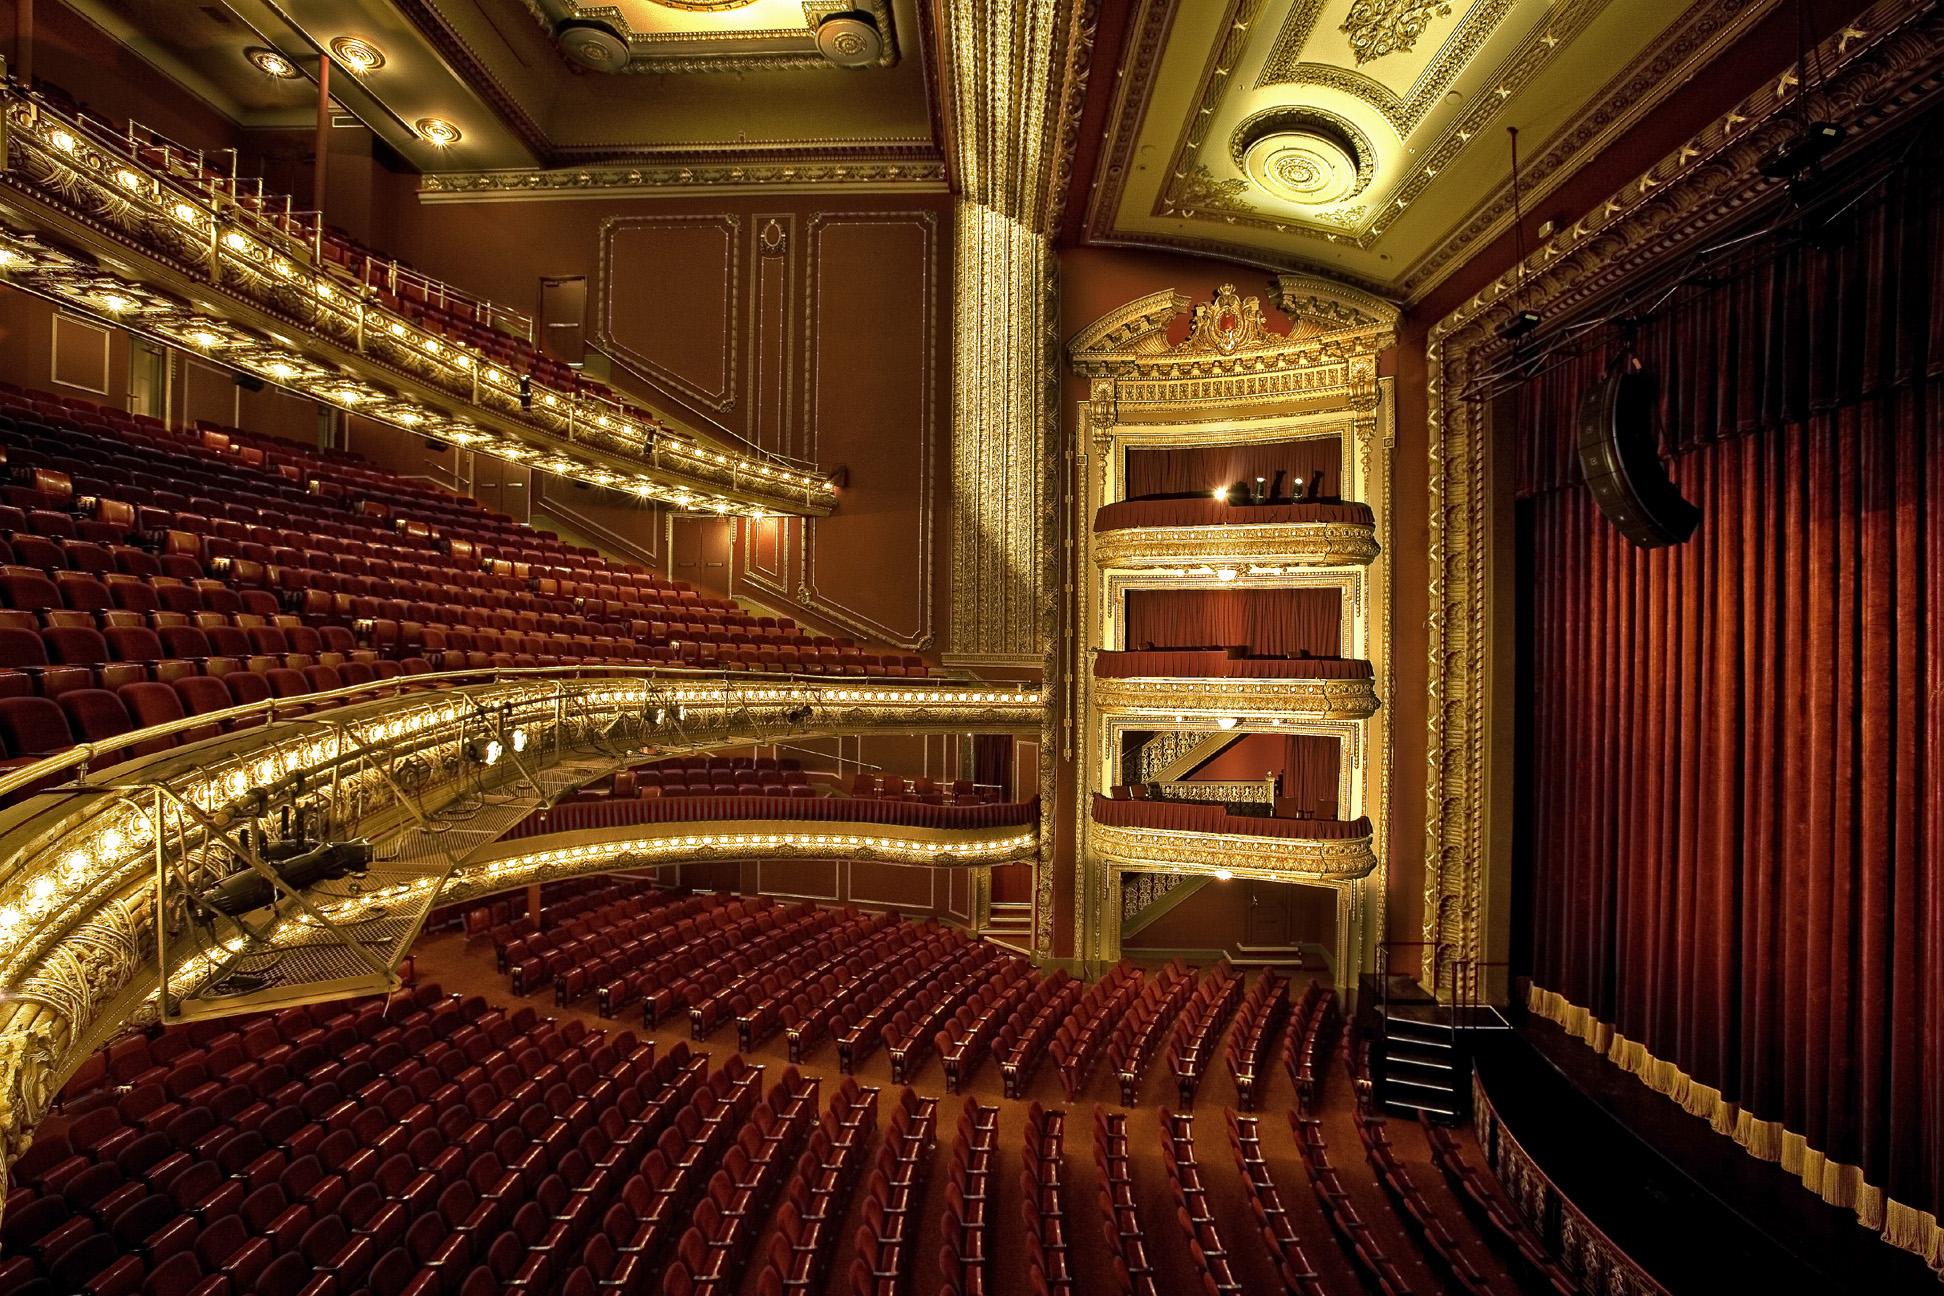 CIBC Theater Auditorium